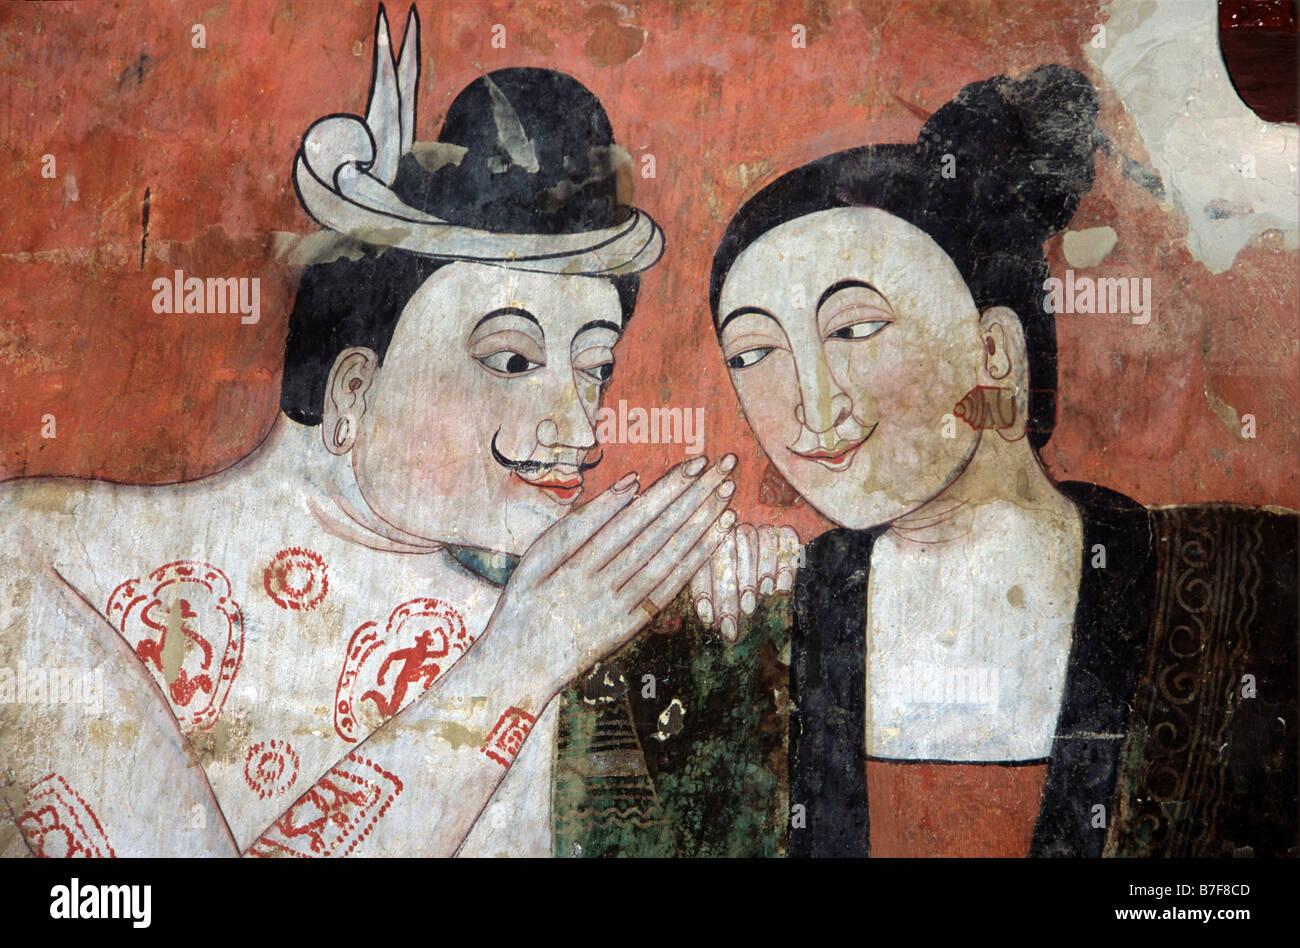 Os amantes de tailandeses sedução, c mural de desenvolvimento normativo ou pintura mural de; entregue Imagens de Stock